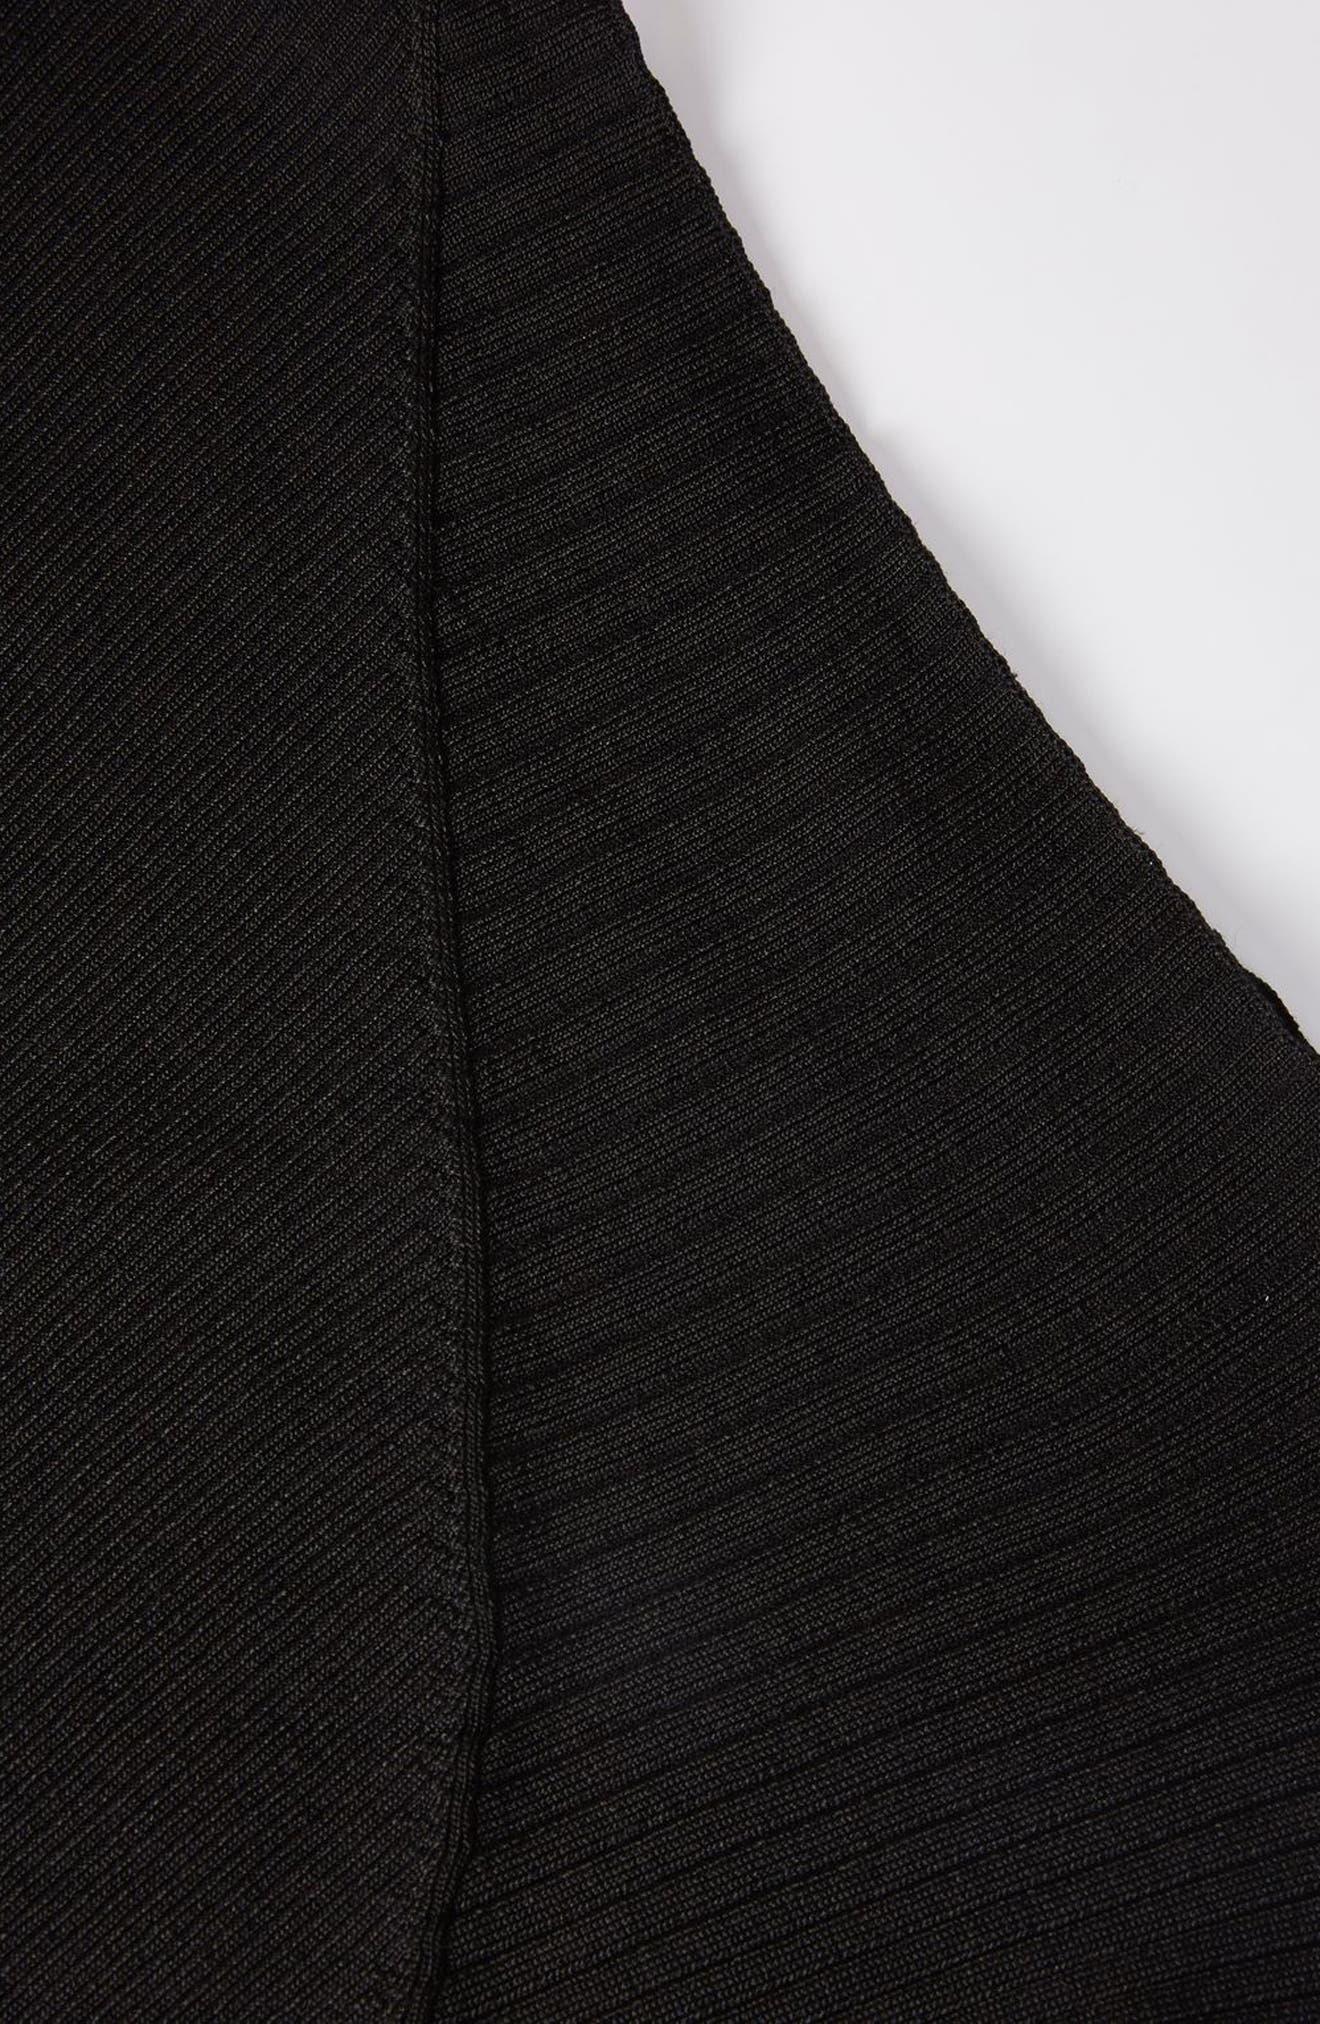 Alternate Image 3  - Topshop Boutique Slash Neck Asymmetrical Top